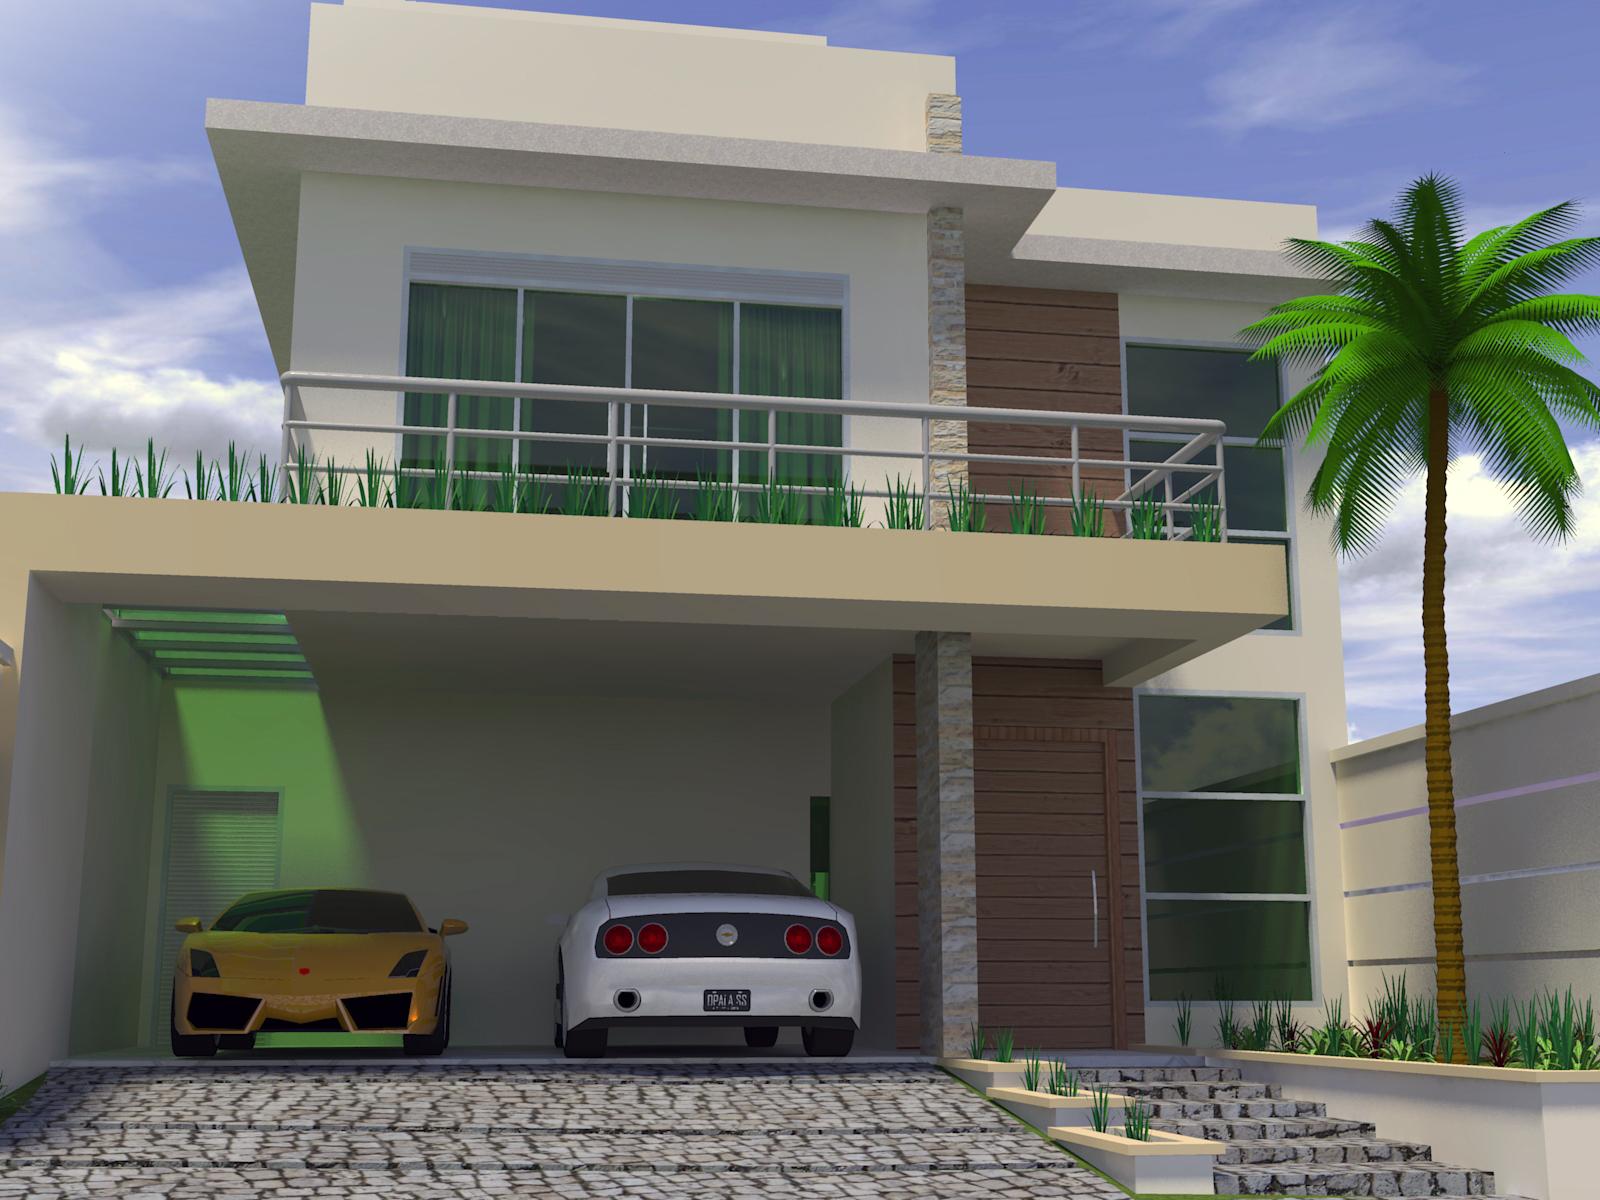 Casa de 2 andares sobrado com dois andares visto da for Casa moderna 11